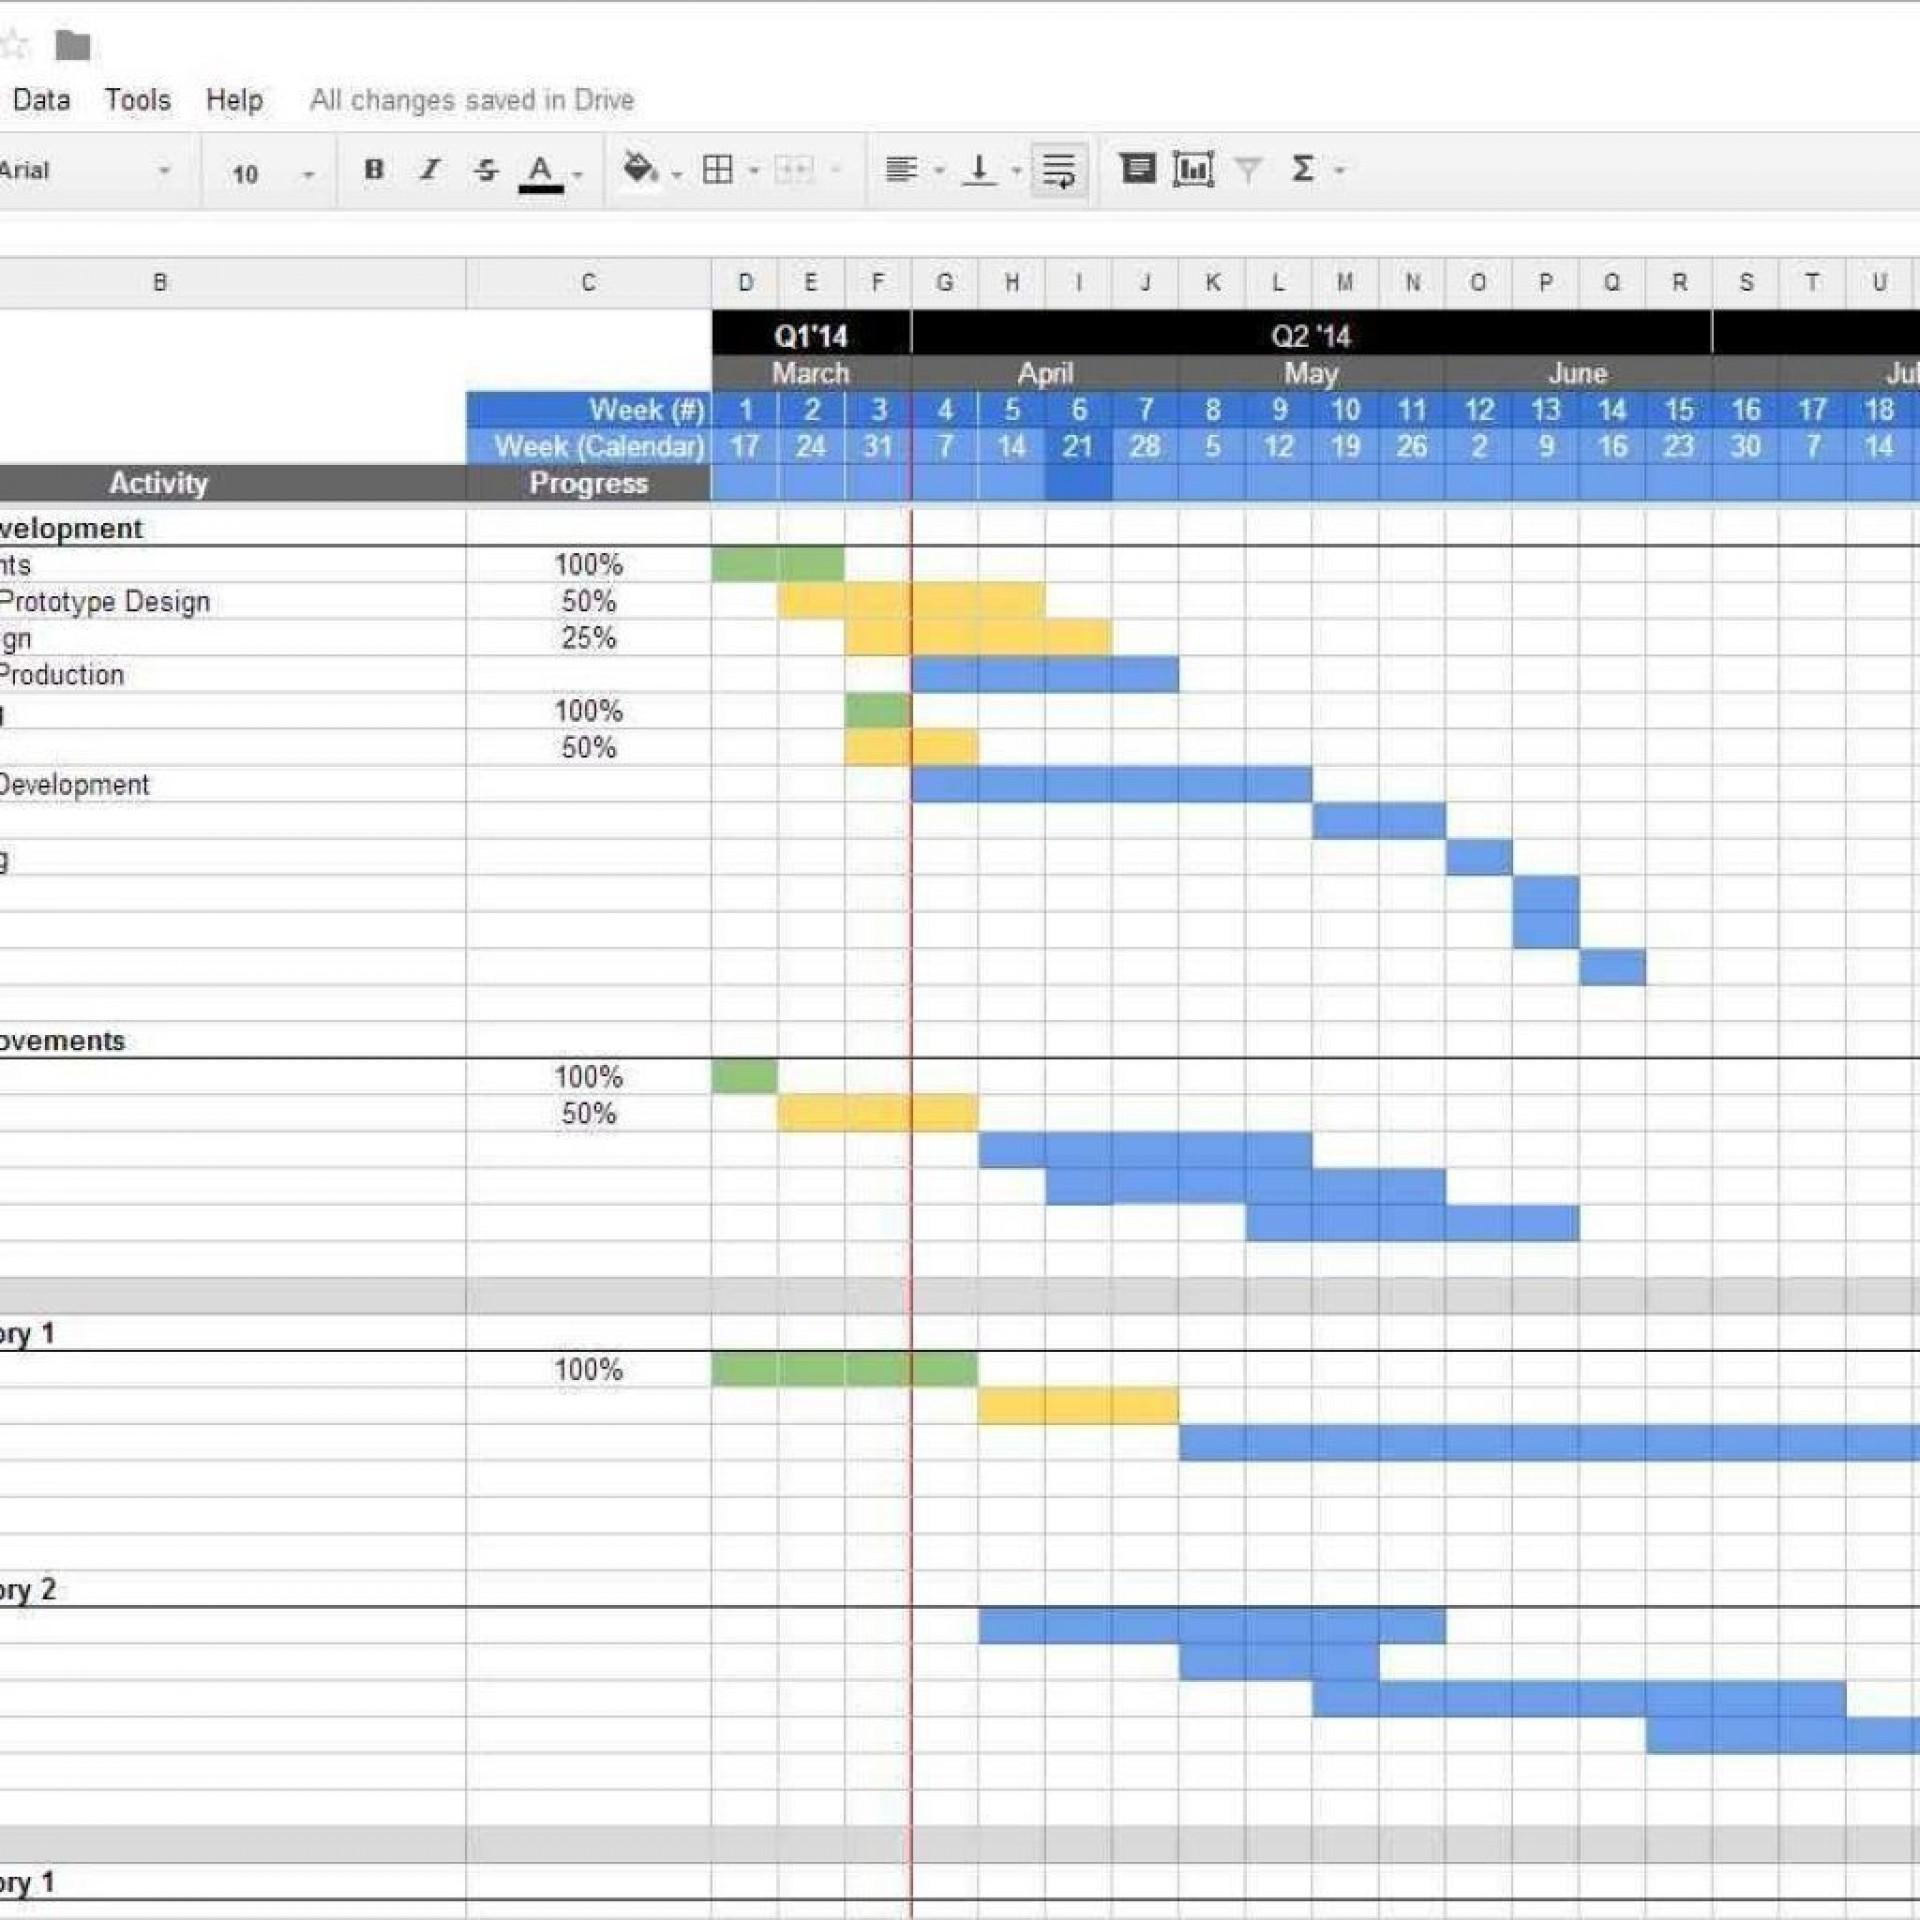 001 Unbelievable Project Management Plan Template Excel Free Concept  Risk1920